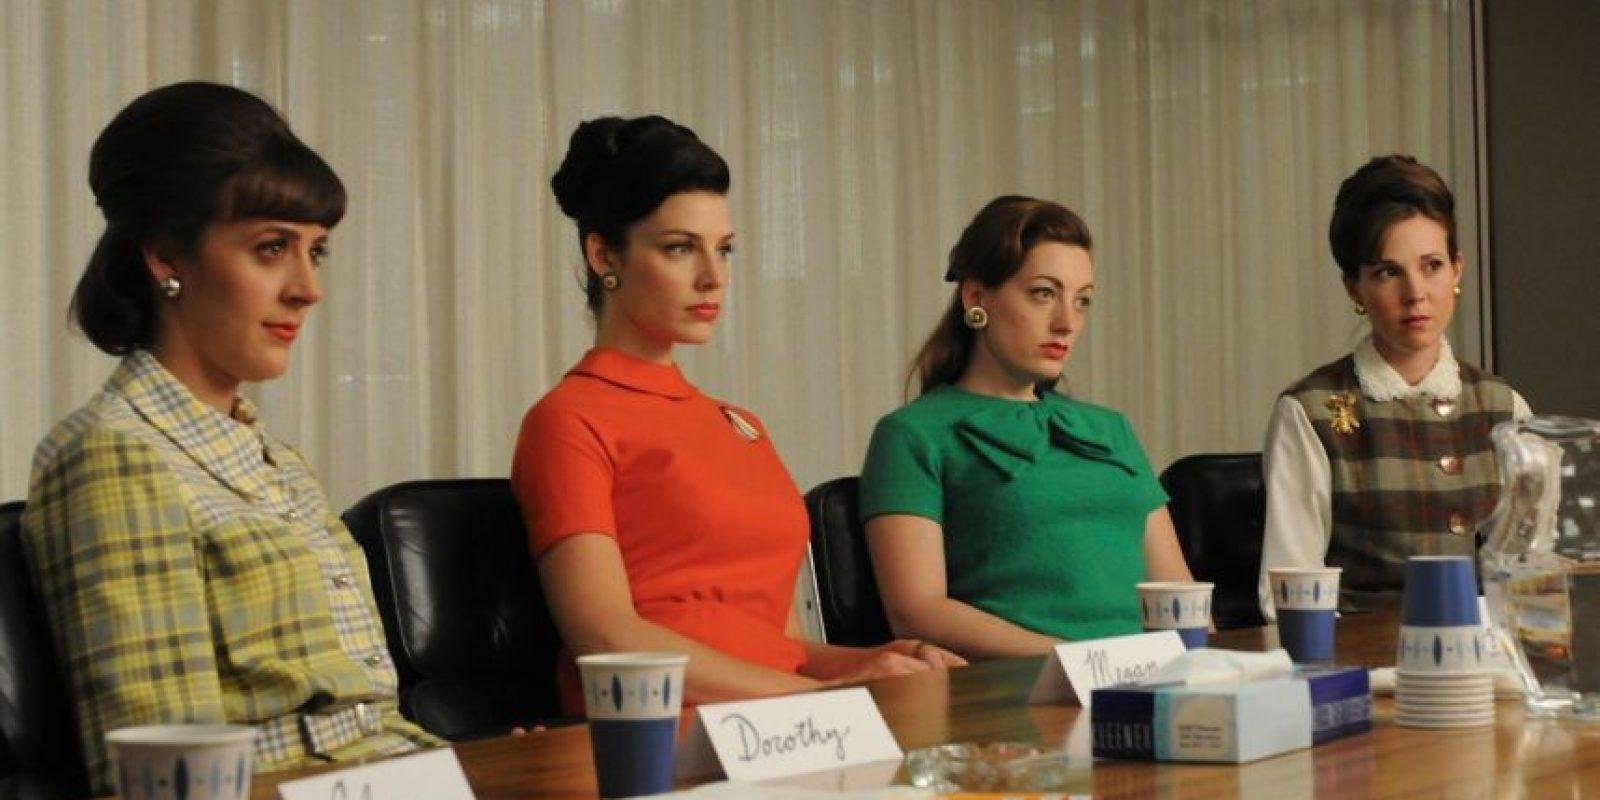 Su creadora quiere ampliar el debate sobre la igualdad femenina Foto:AMC